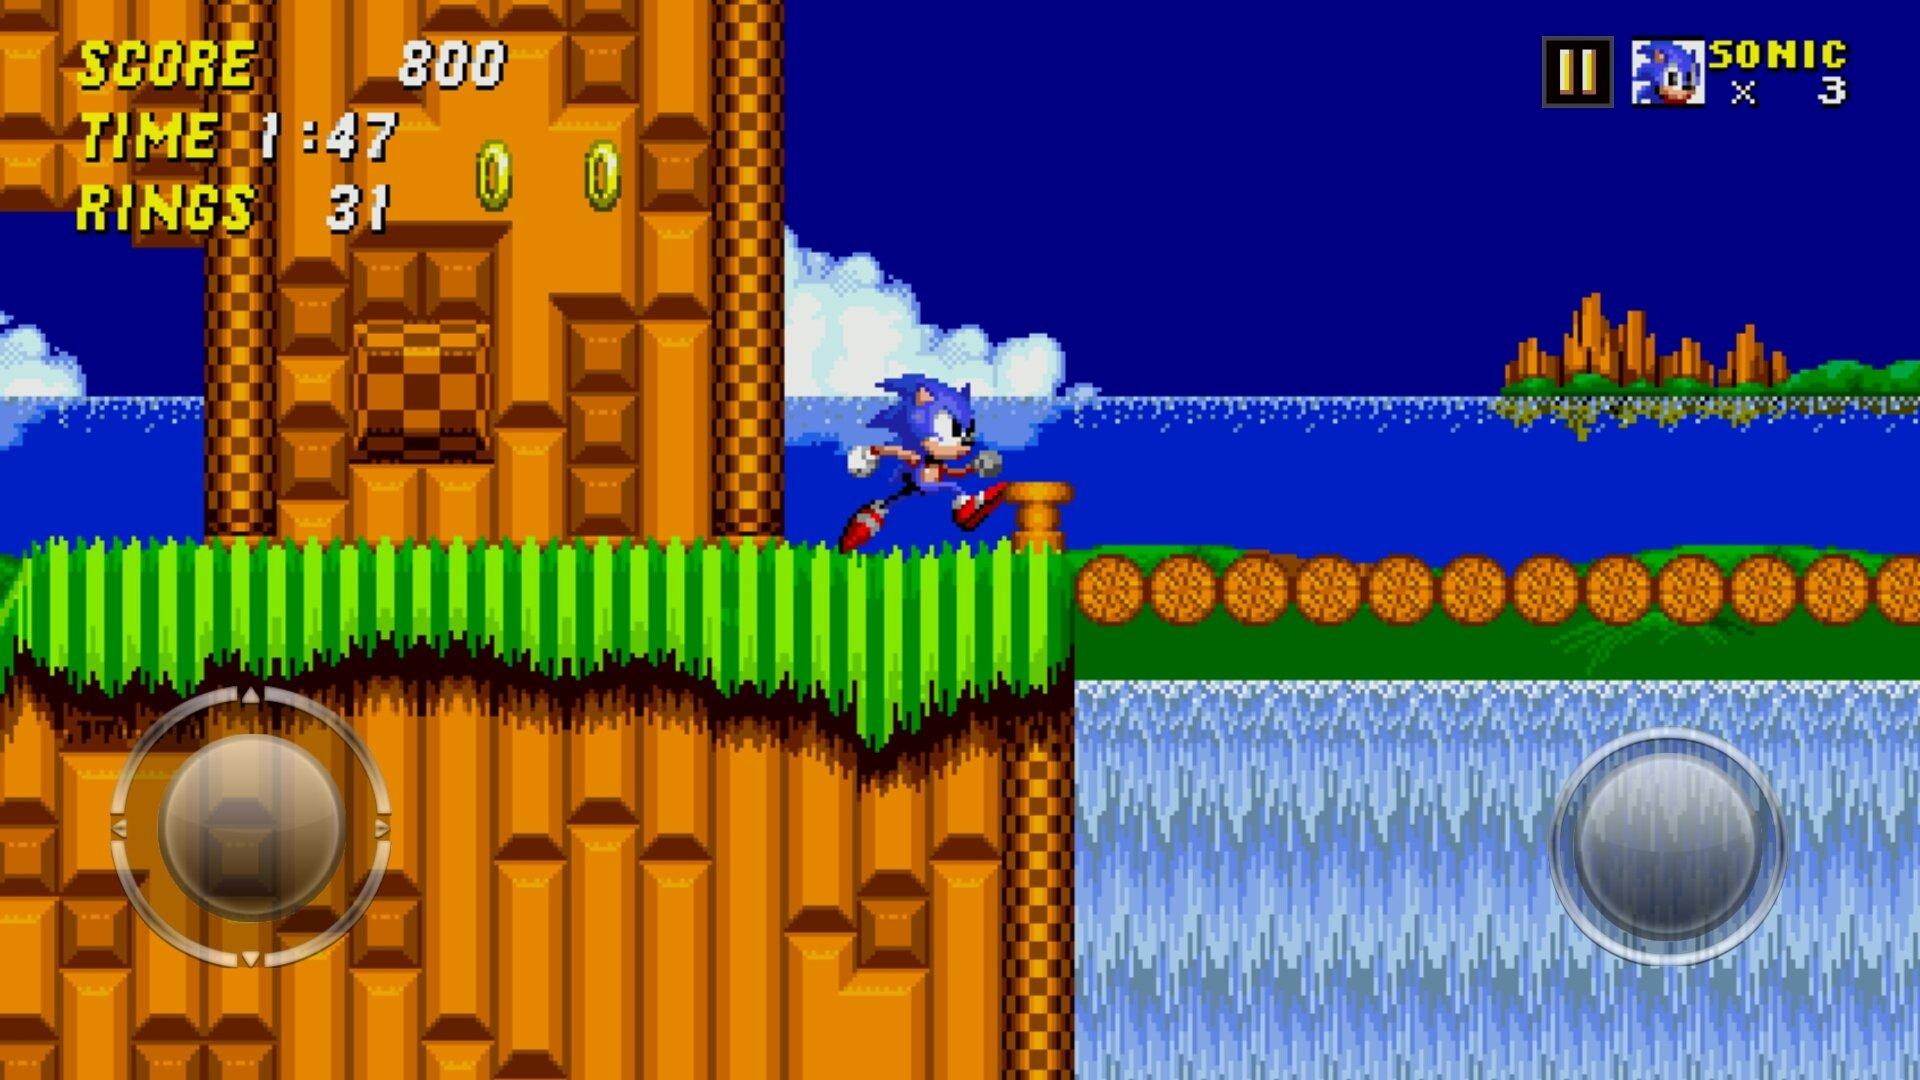 sonic the hedgehog apk 2